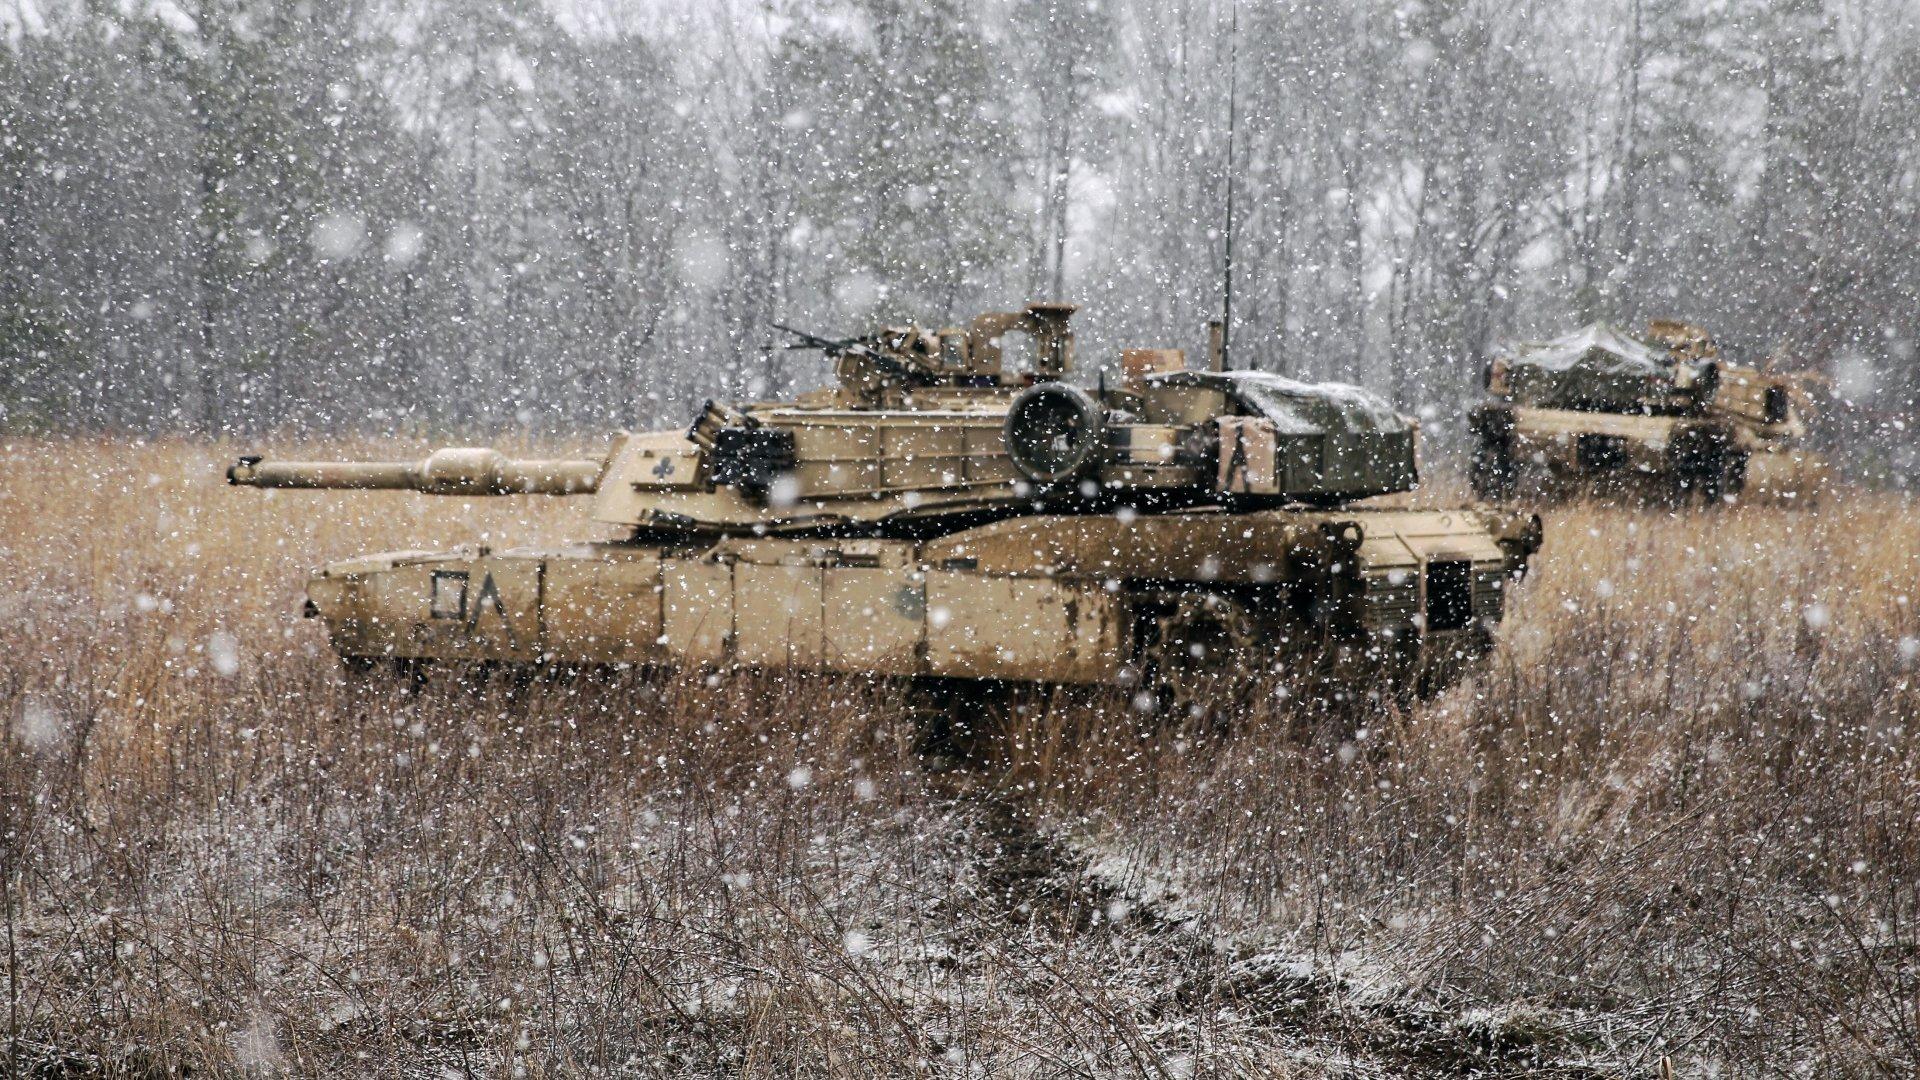 Sampai saat ini viral di tiktok situs mahaplung com m 1. M1 Abrams 4k Ultra HD Wallpaper and Background Image